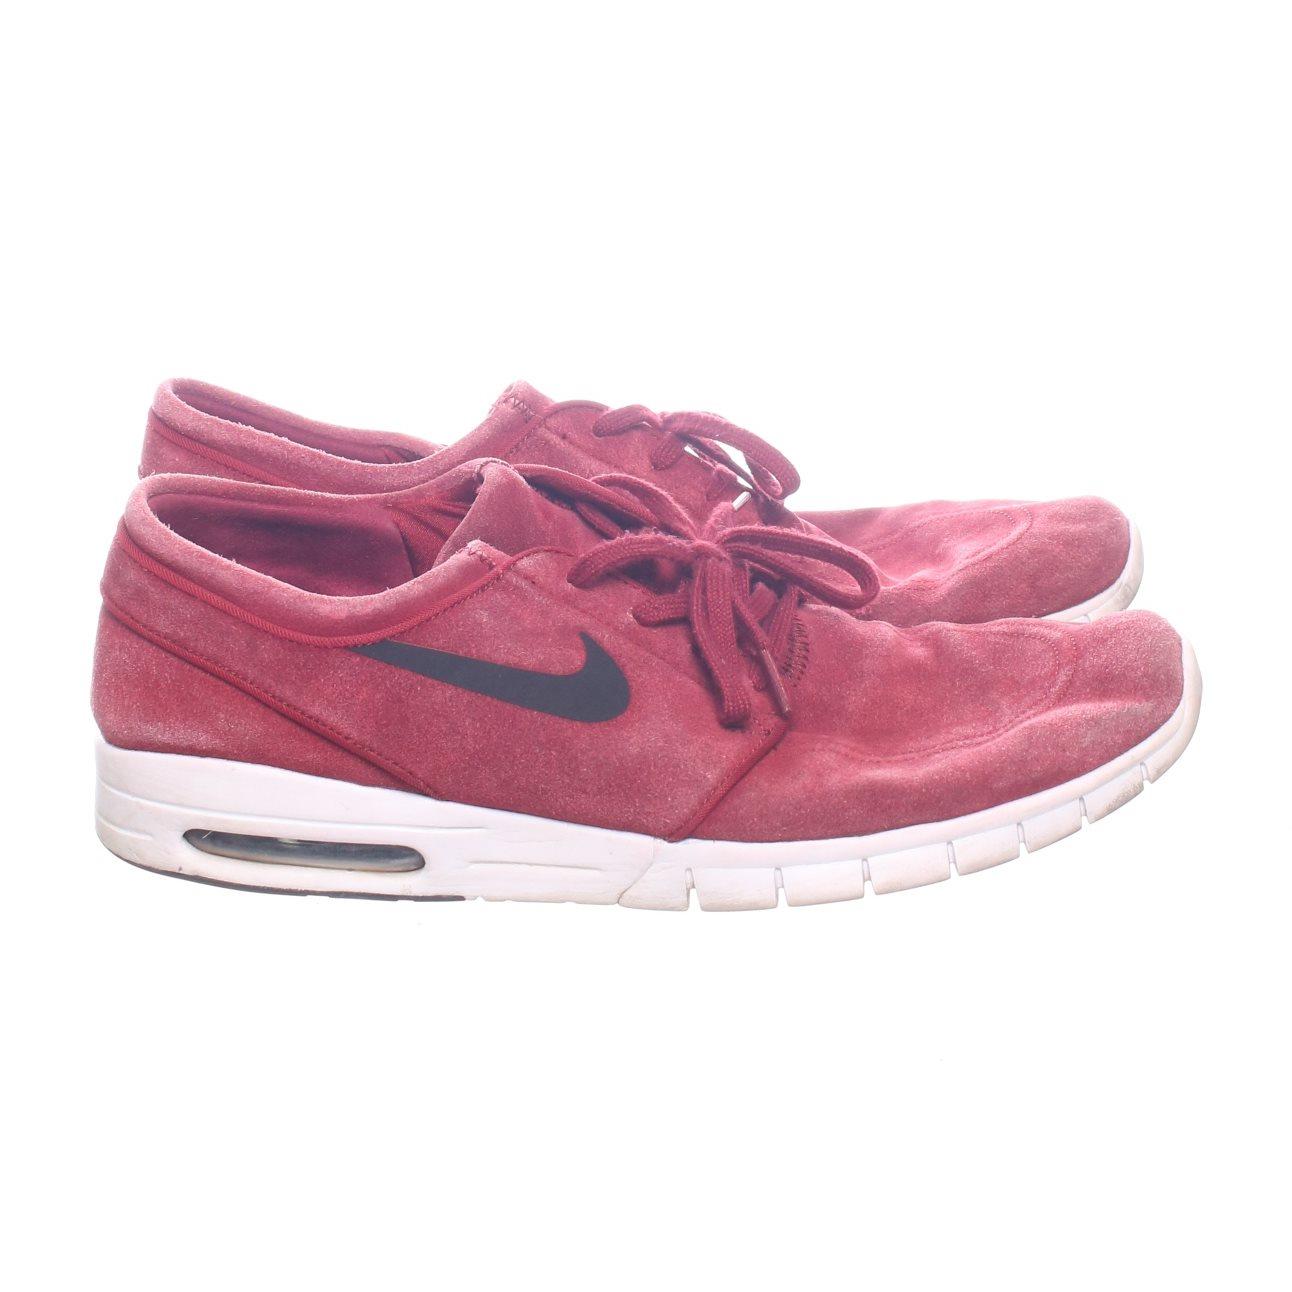 new concept 24369 658e5 Nike, Sneakers, Strl  48.5, air, Vinröd Vit